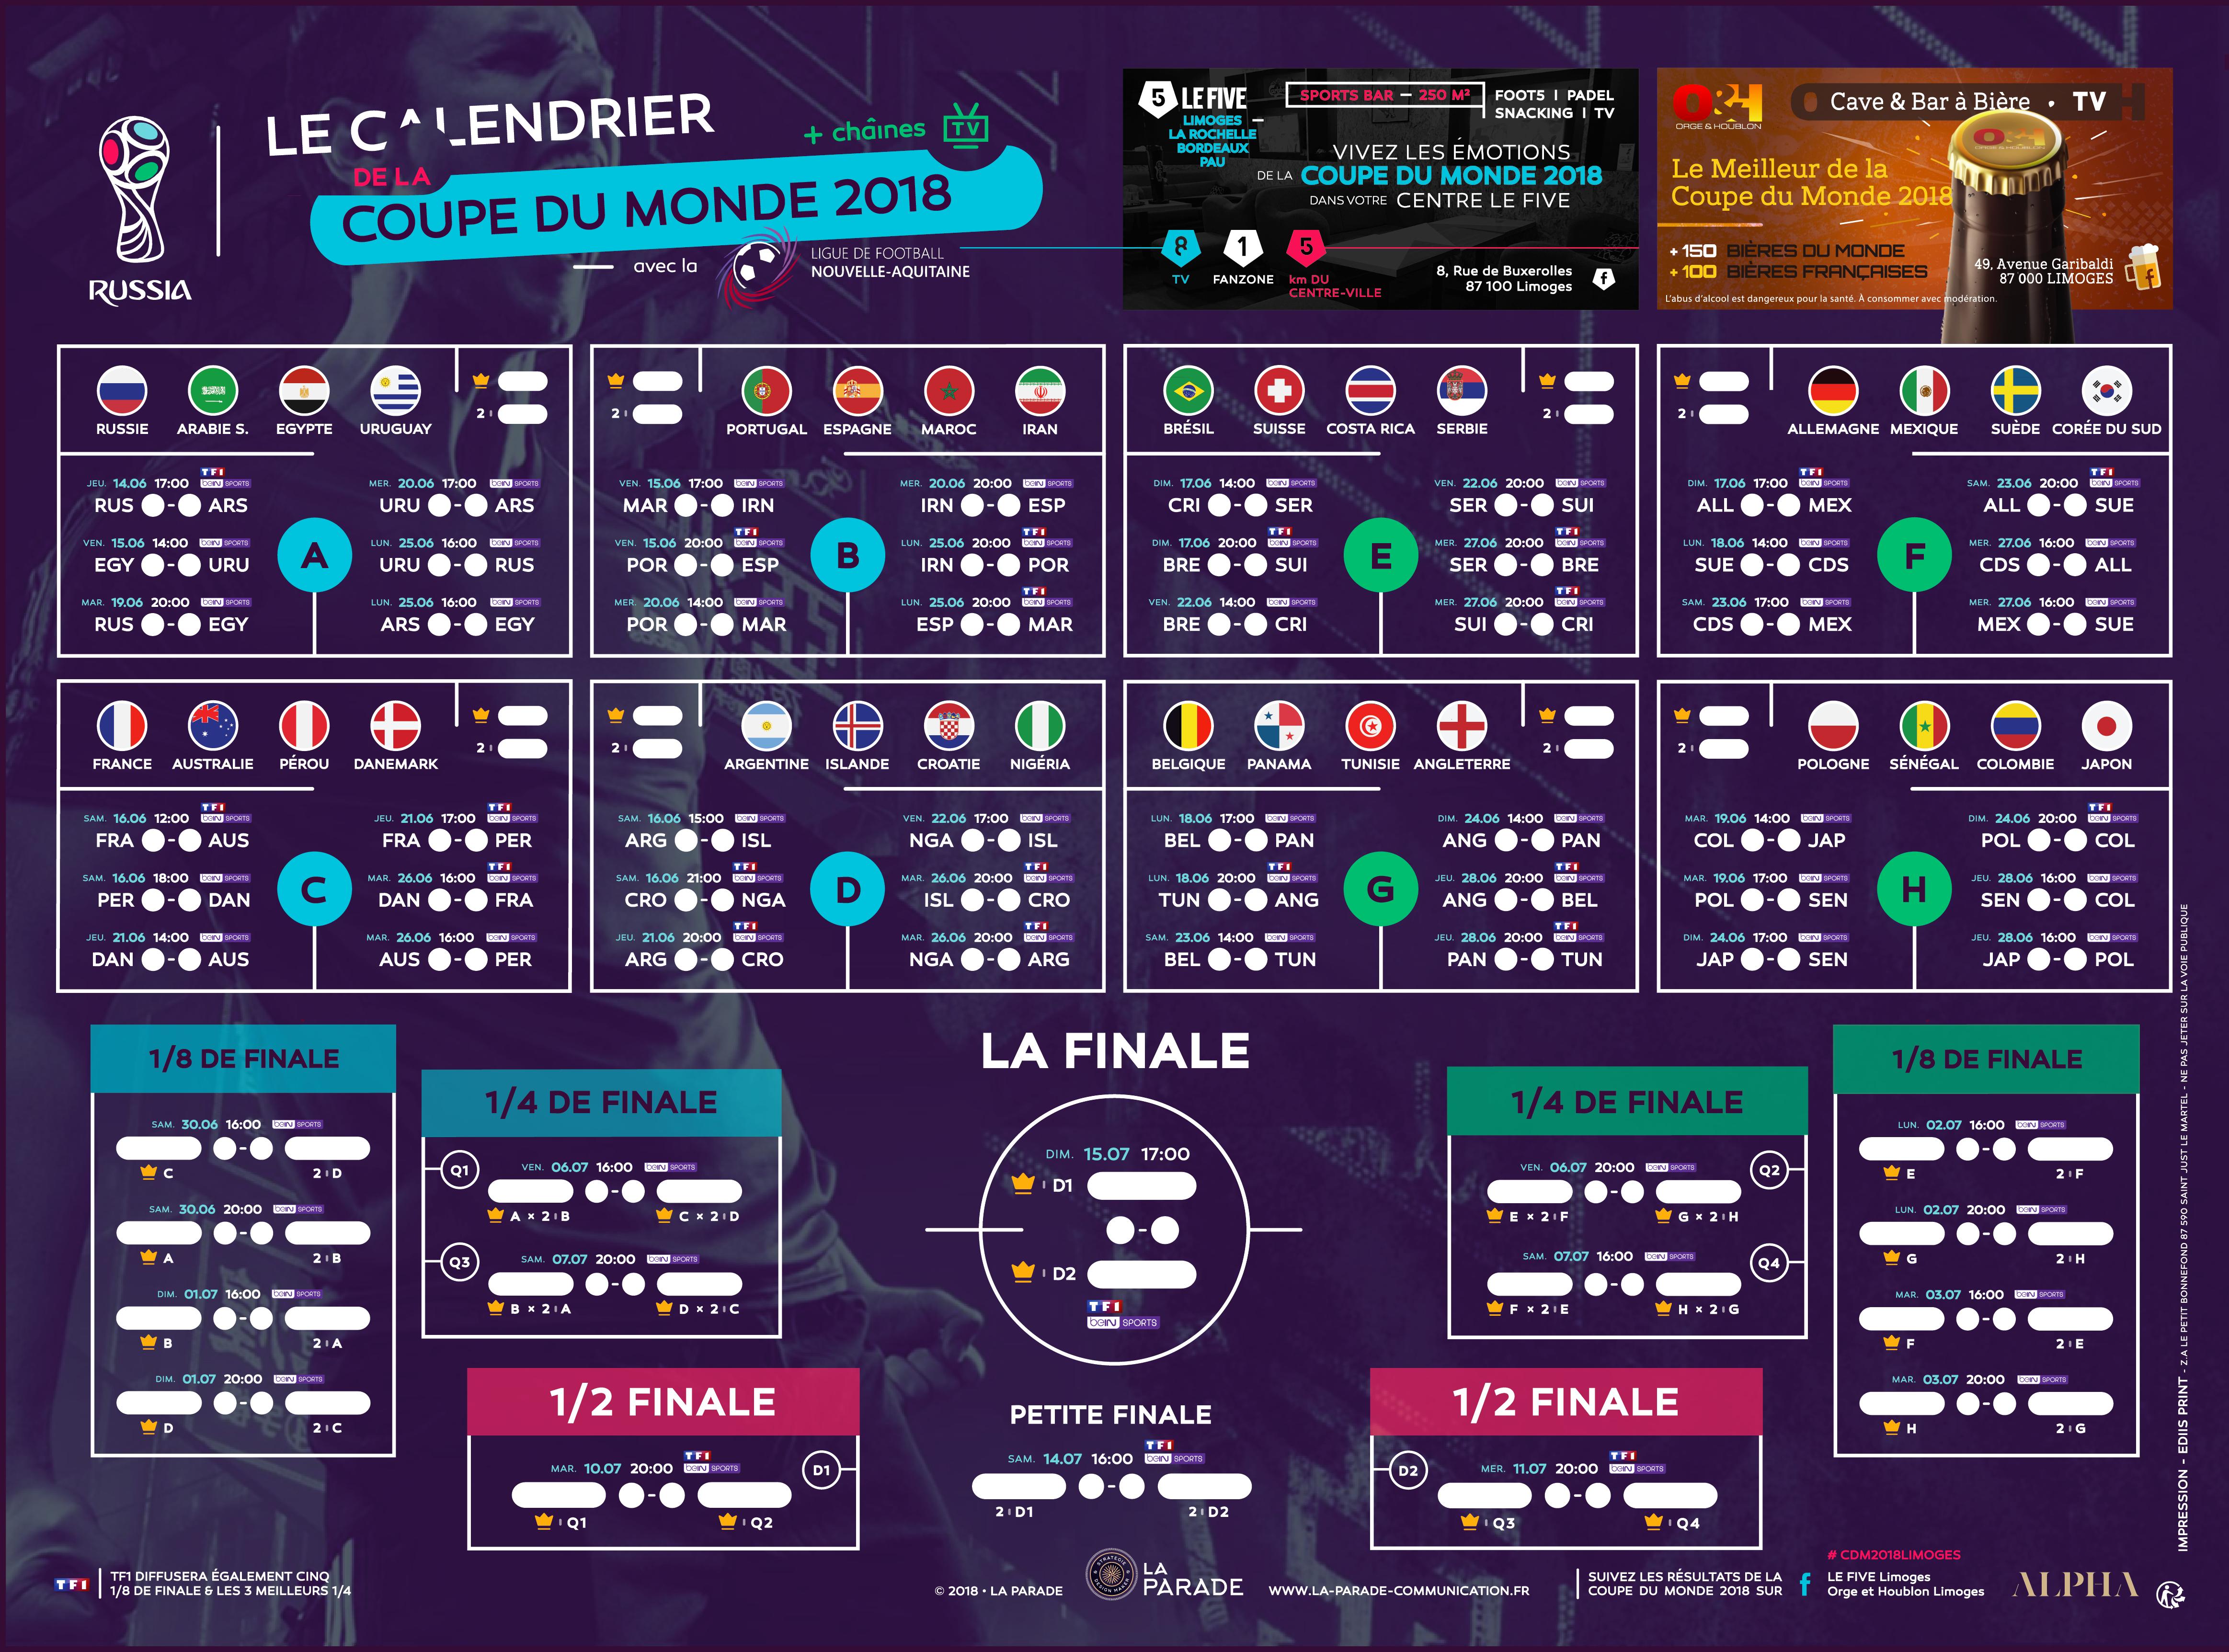 Coupe Du Monde De Football Calendrier.Actualite Calendrier De La Coupe Du Monde 2018 Club